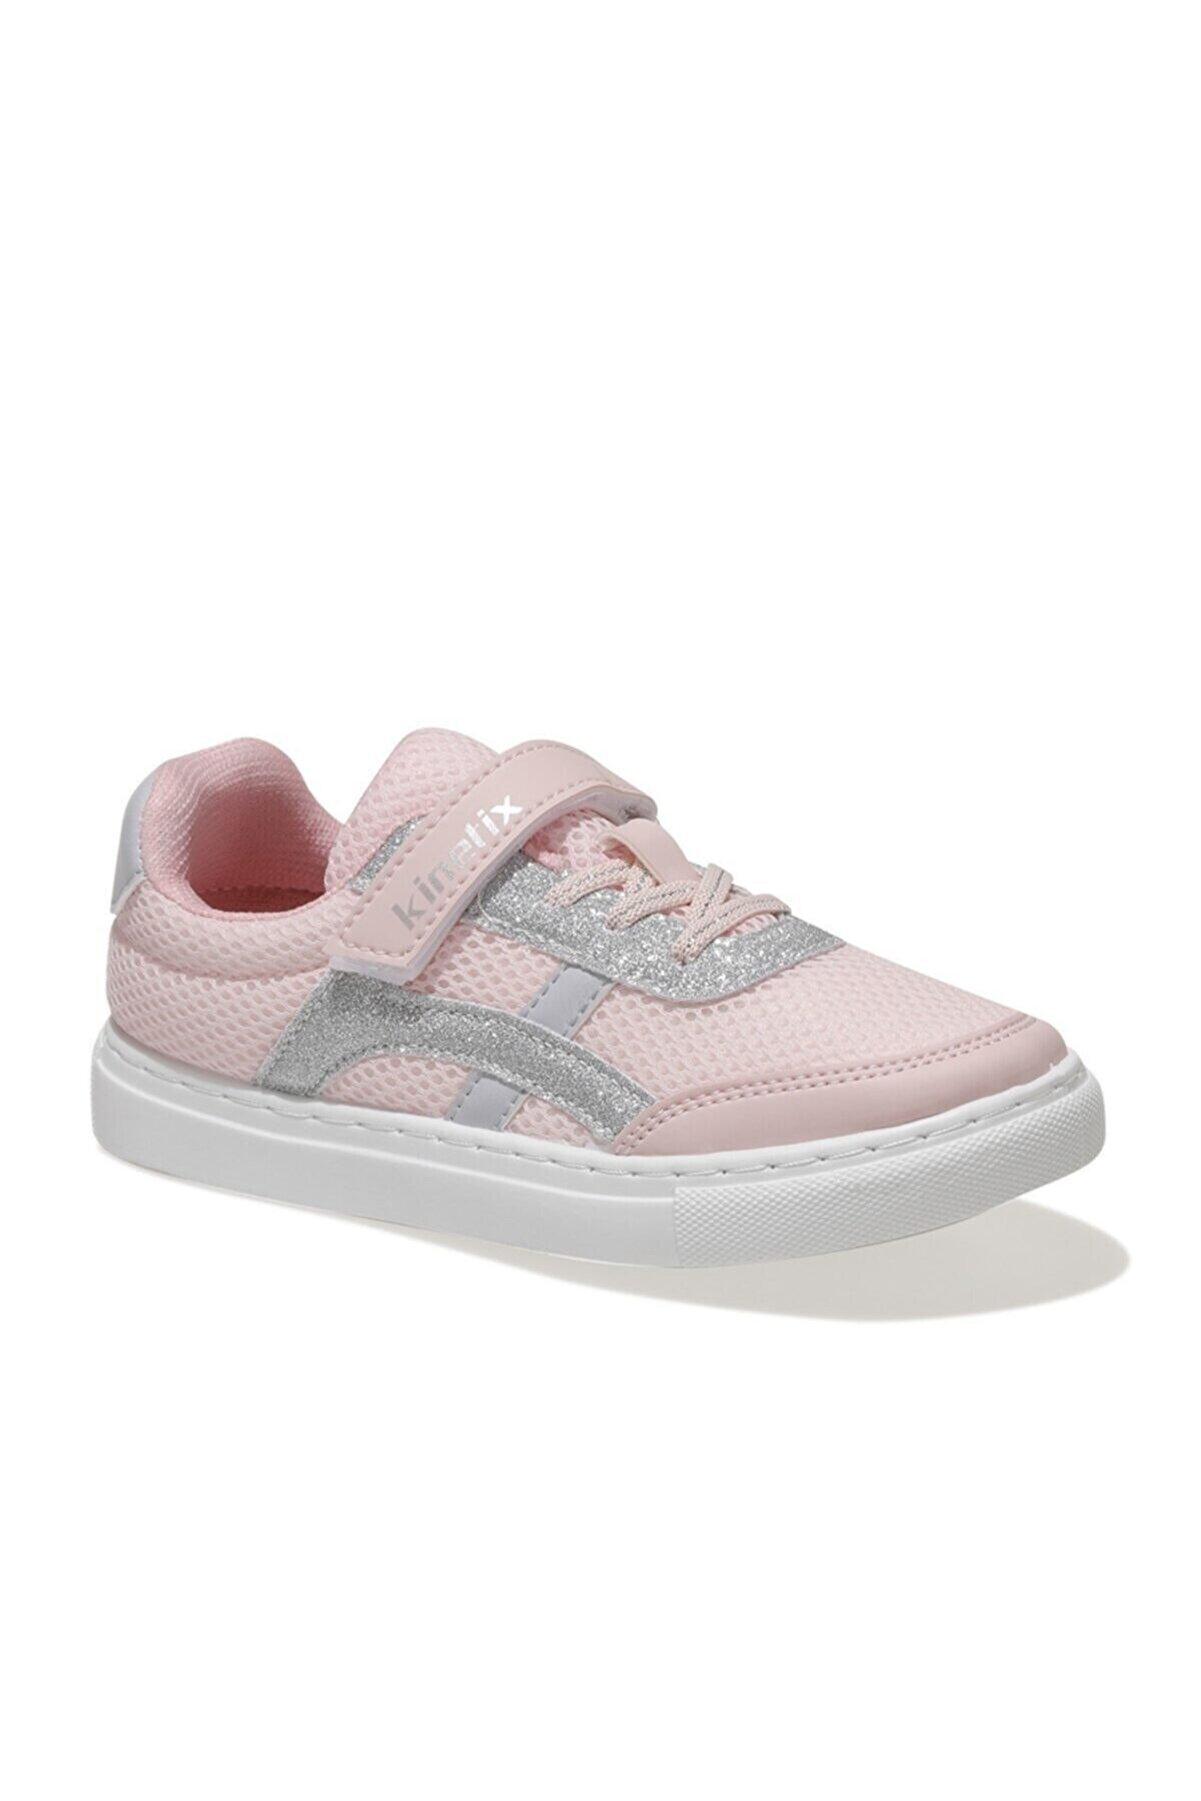 Kinetix REMARK 1FX Pembe Kız Çocuk Sneaker 100606263